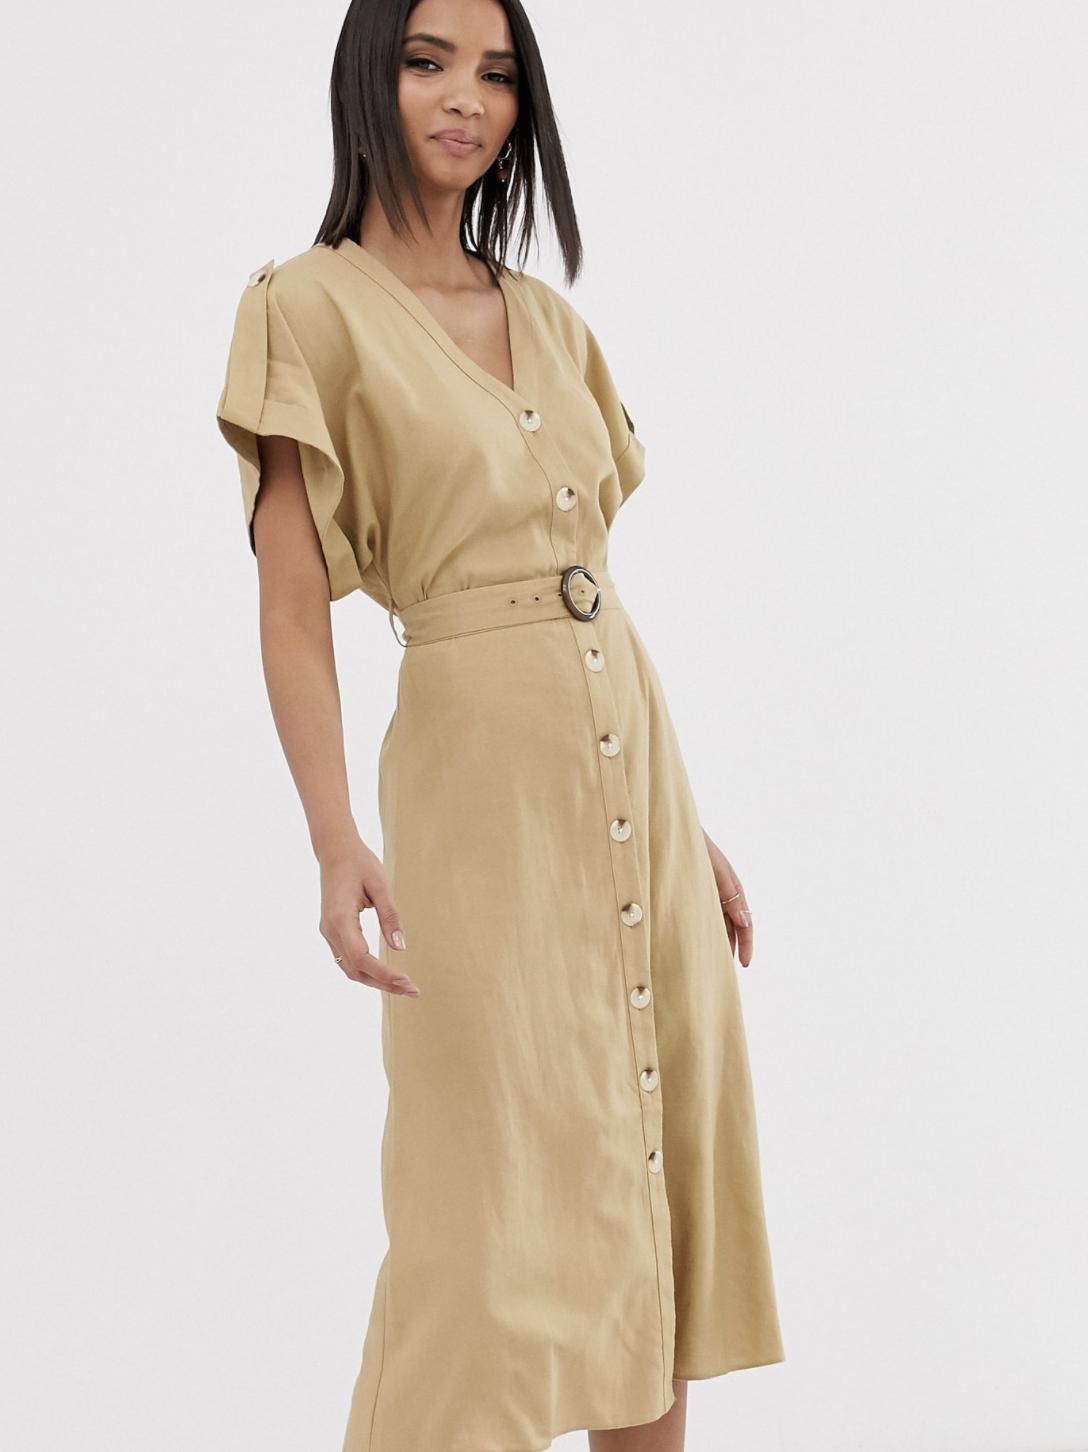 Vestido midi camisero color piedra de lino de estilo utilitario con cinturón de resina de Warehouse